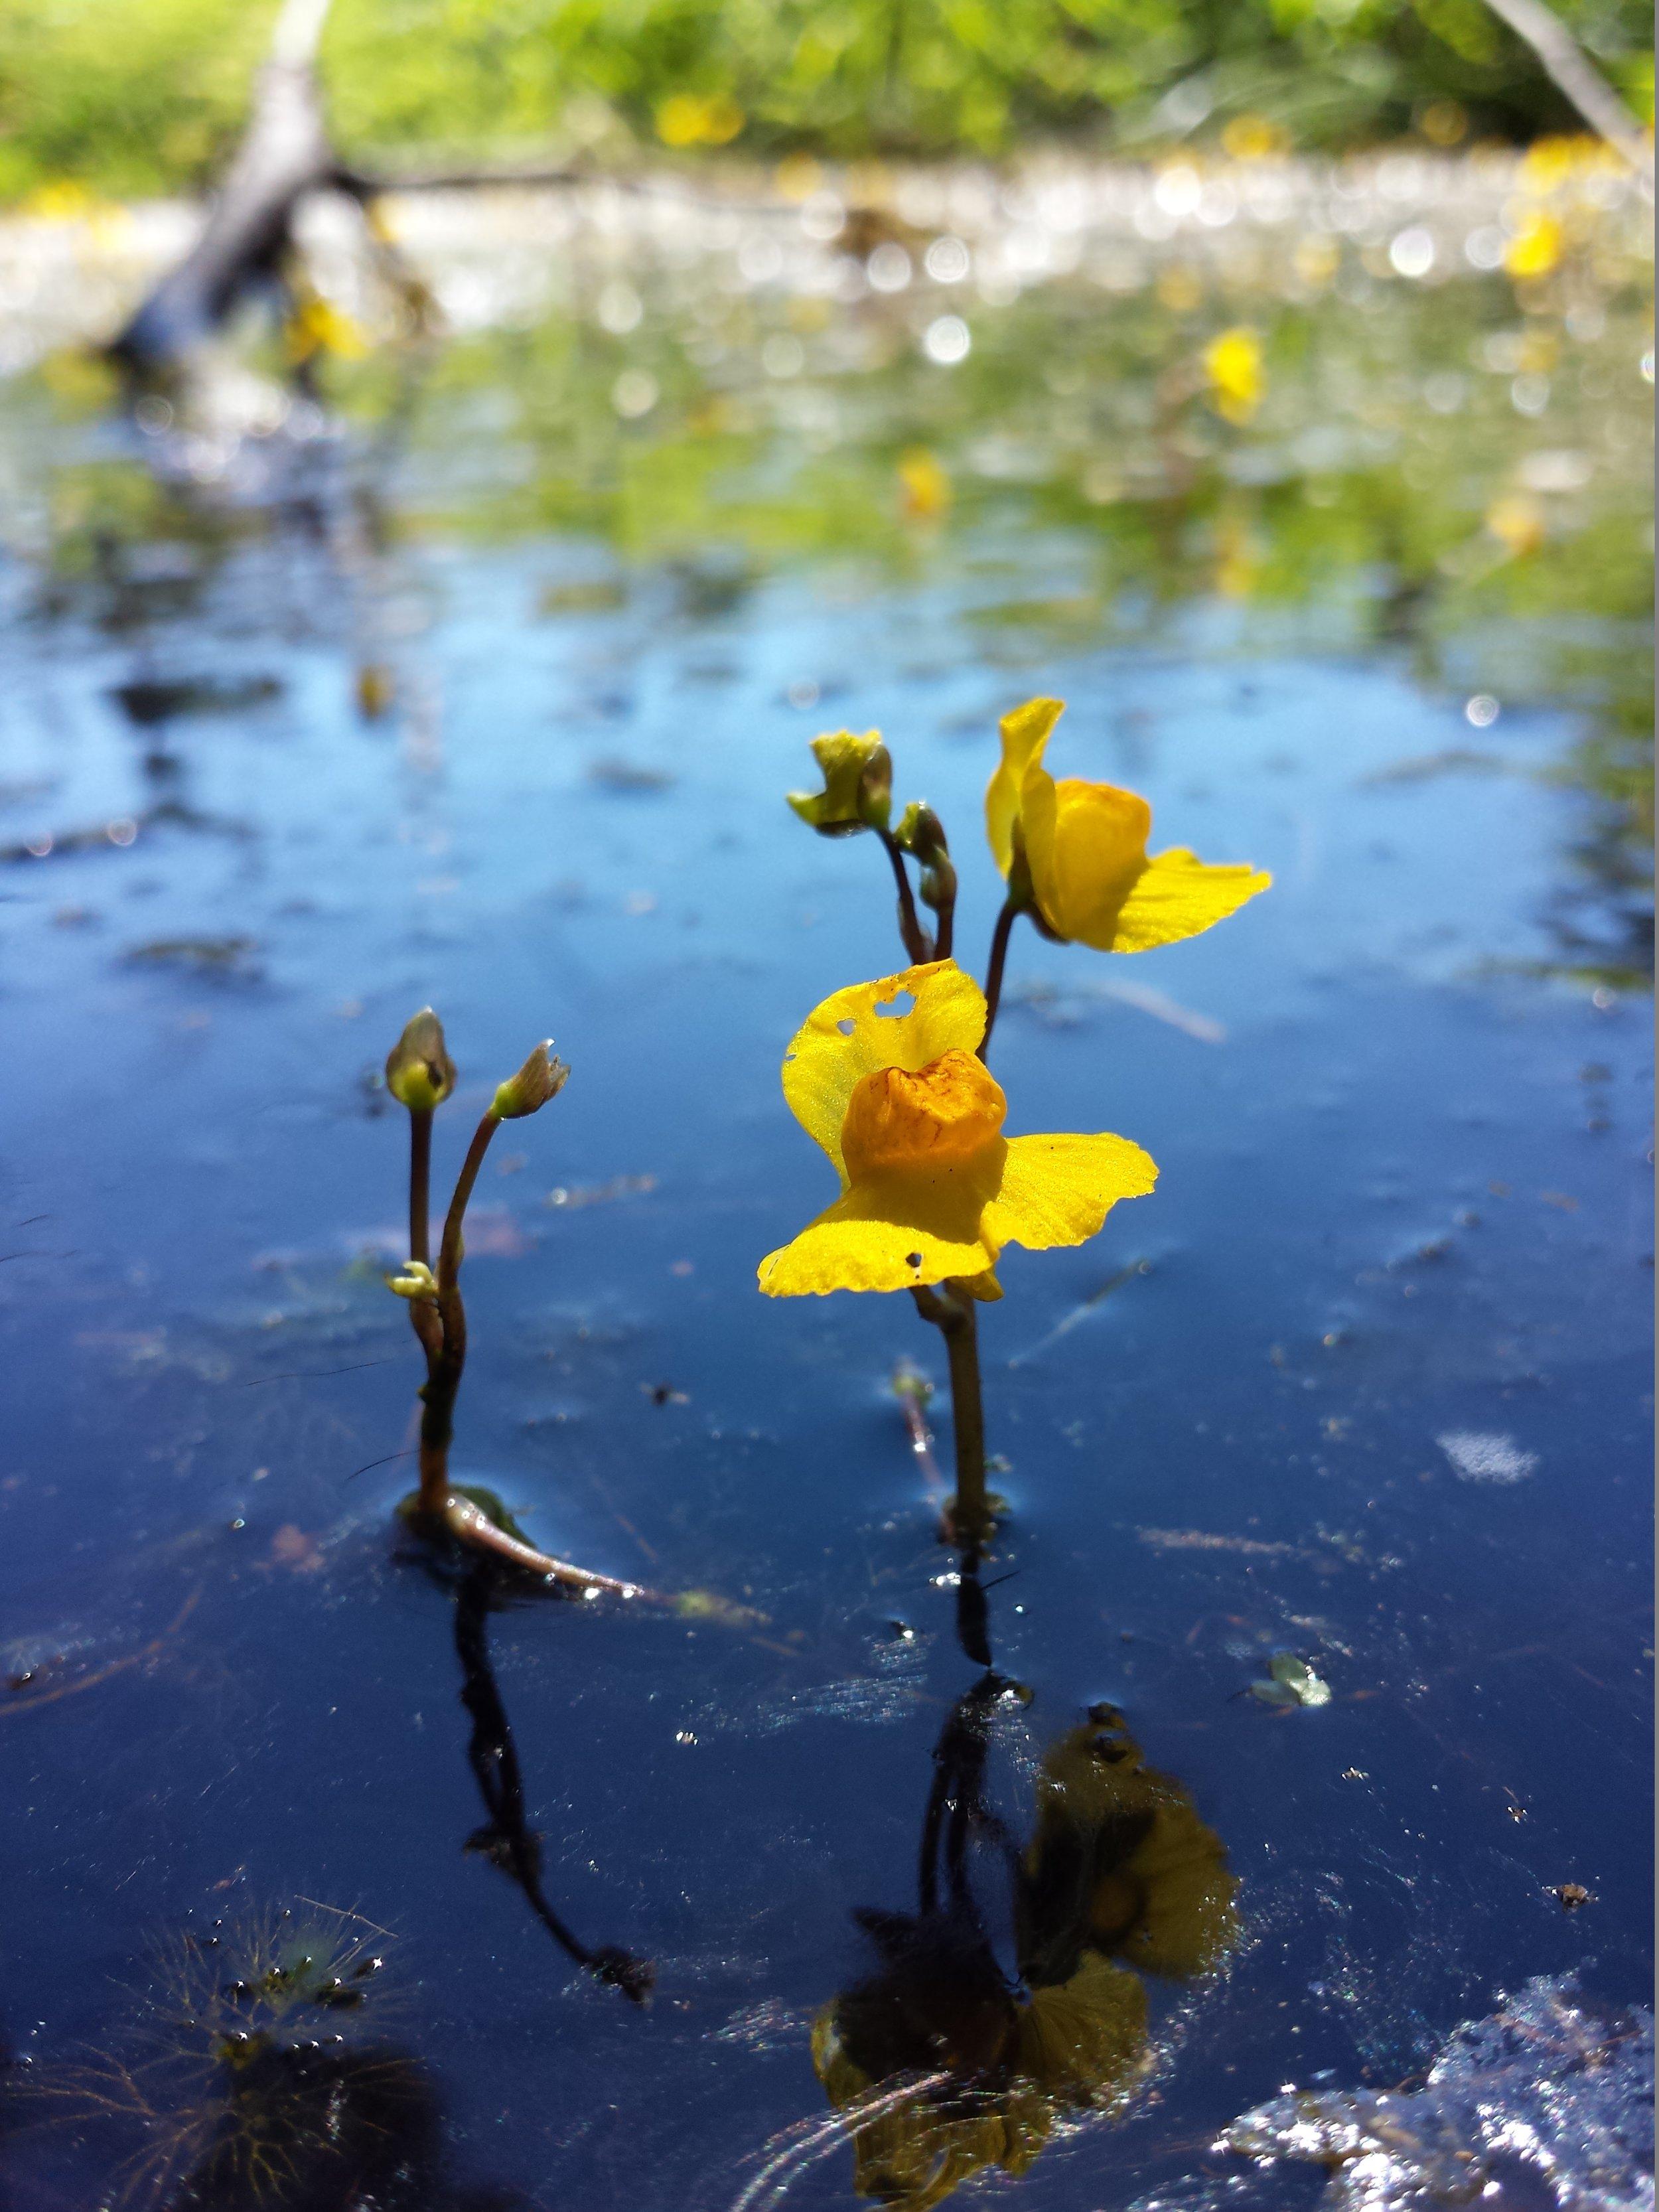 Utricularia_australis_sl5.jpg